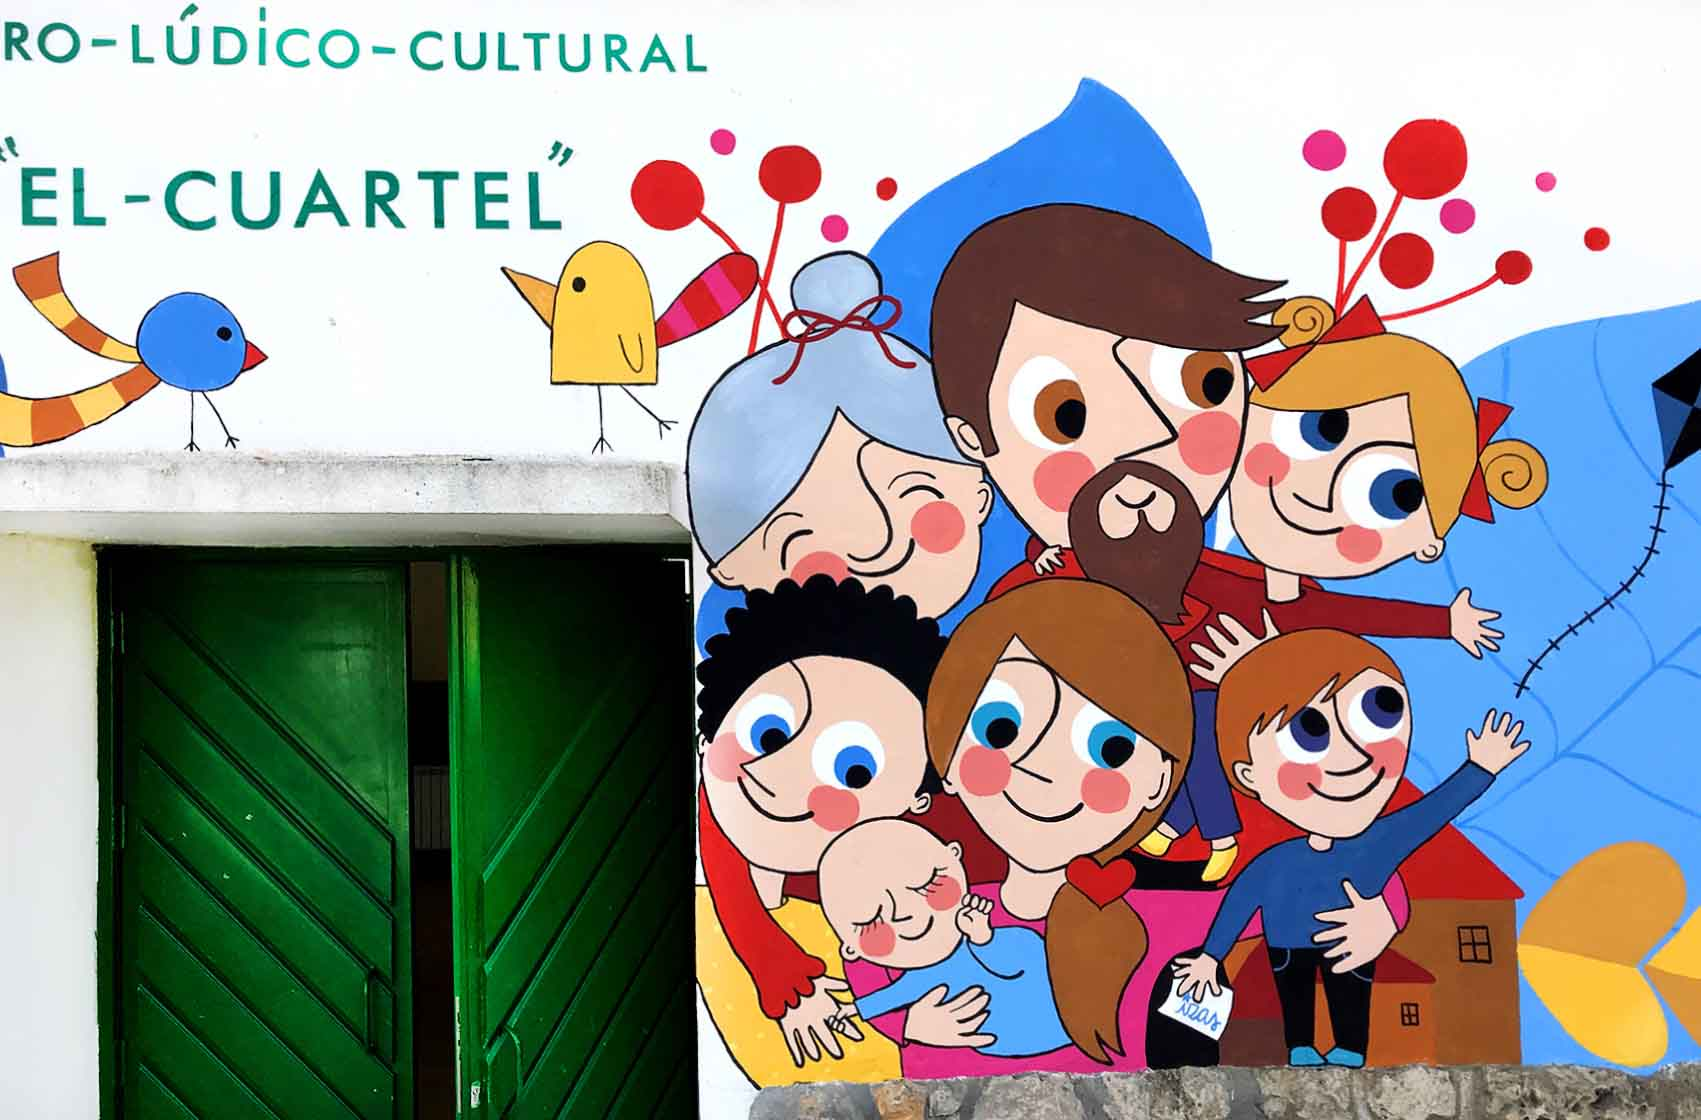 mural izas el cuartel 3